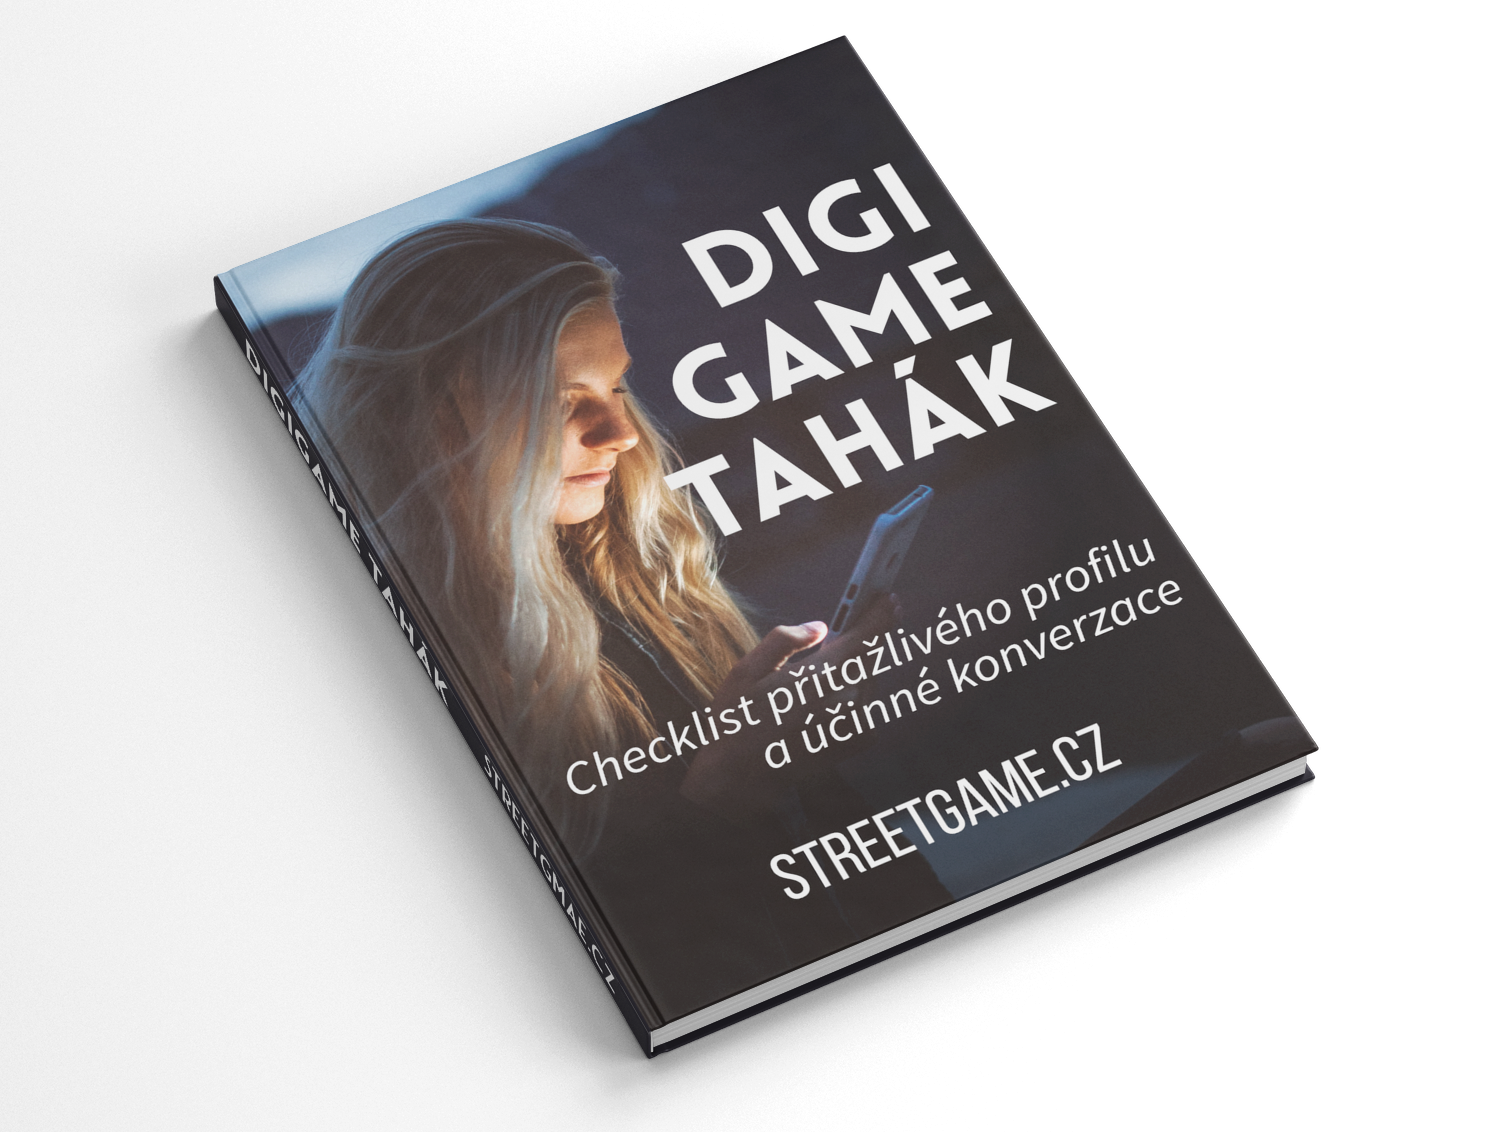 Balíček DigiGame materiálů pro svádění přes internet